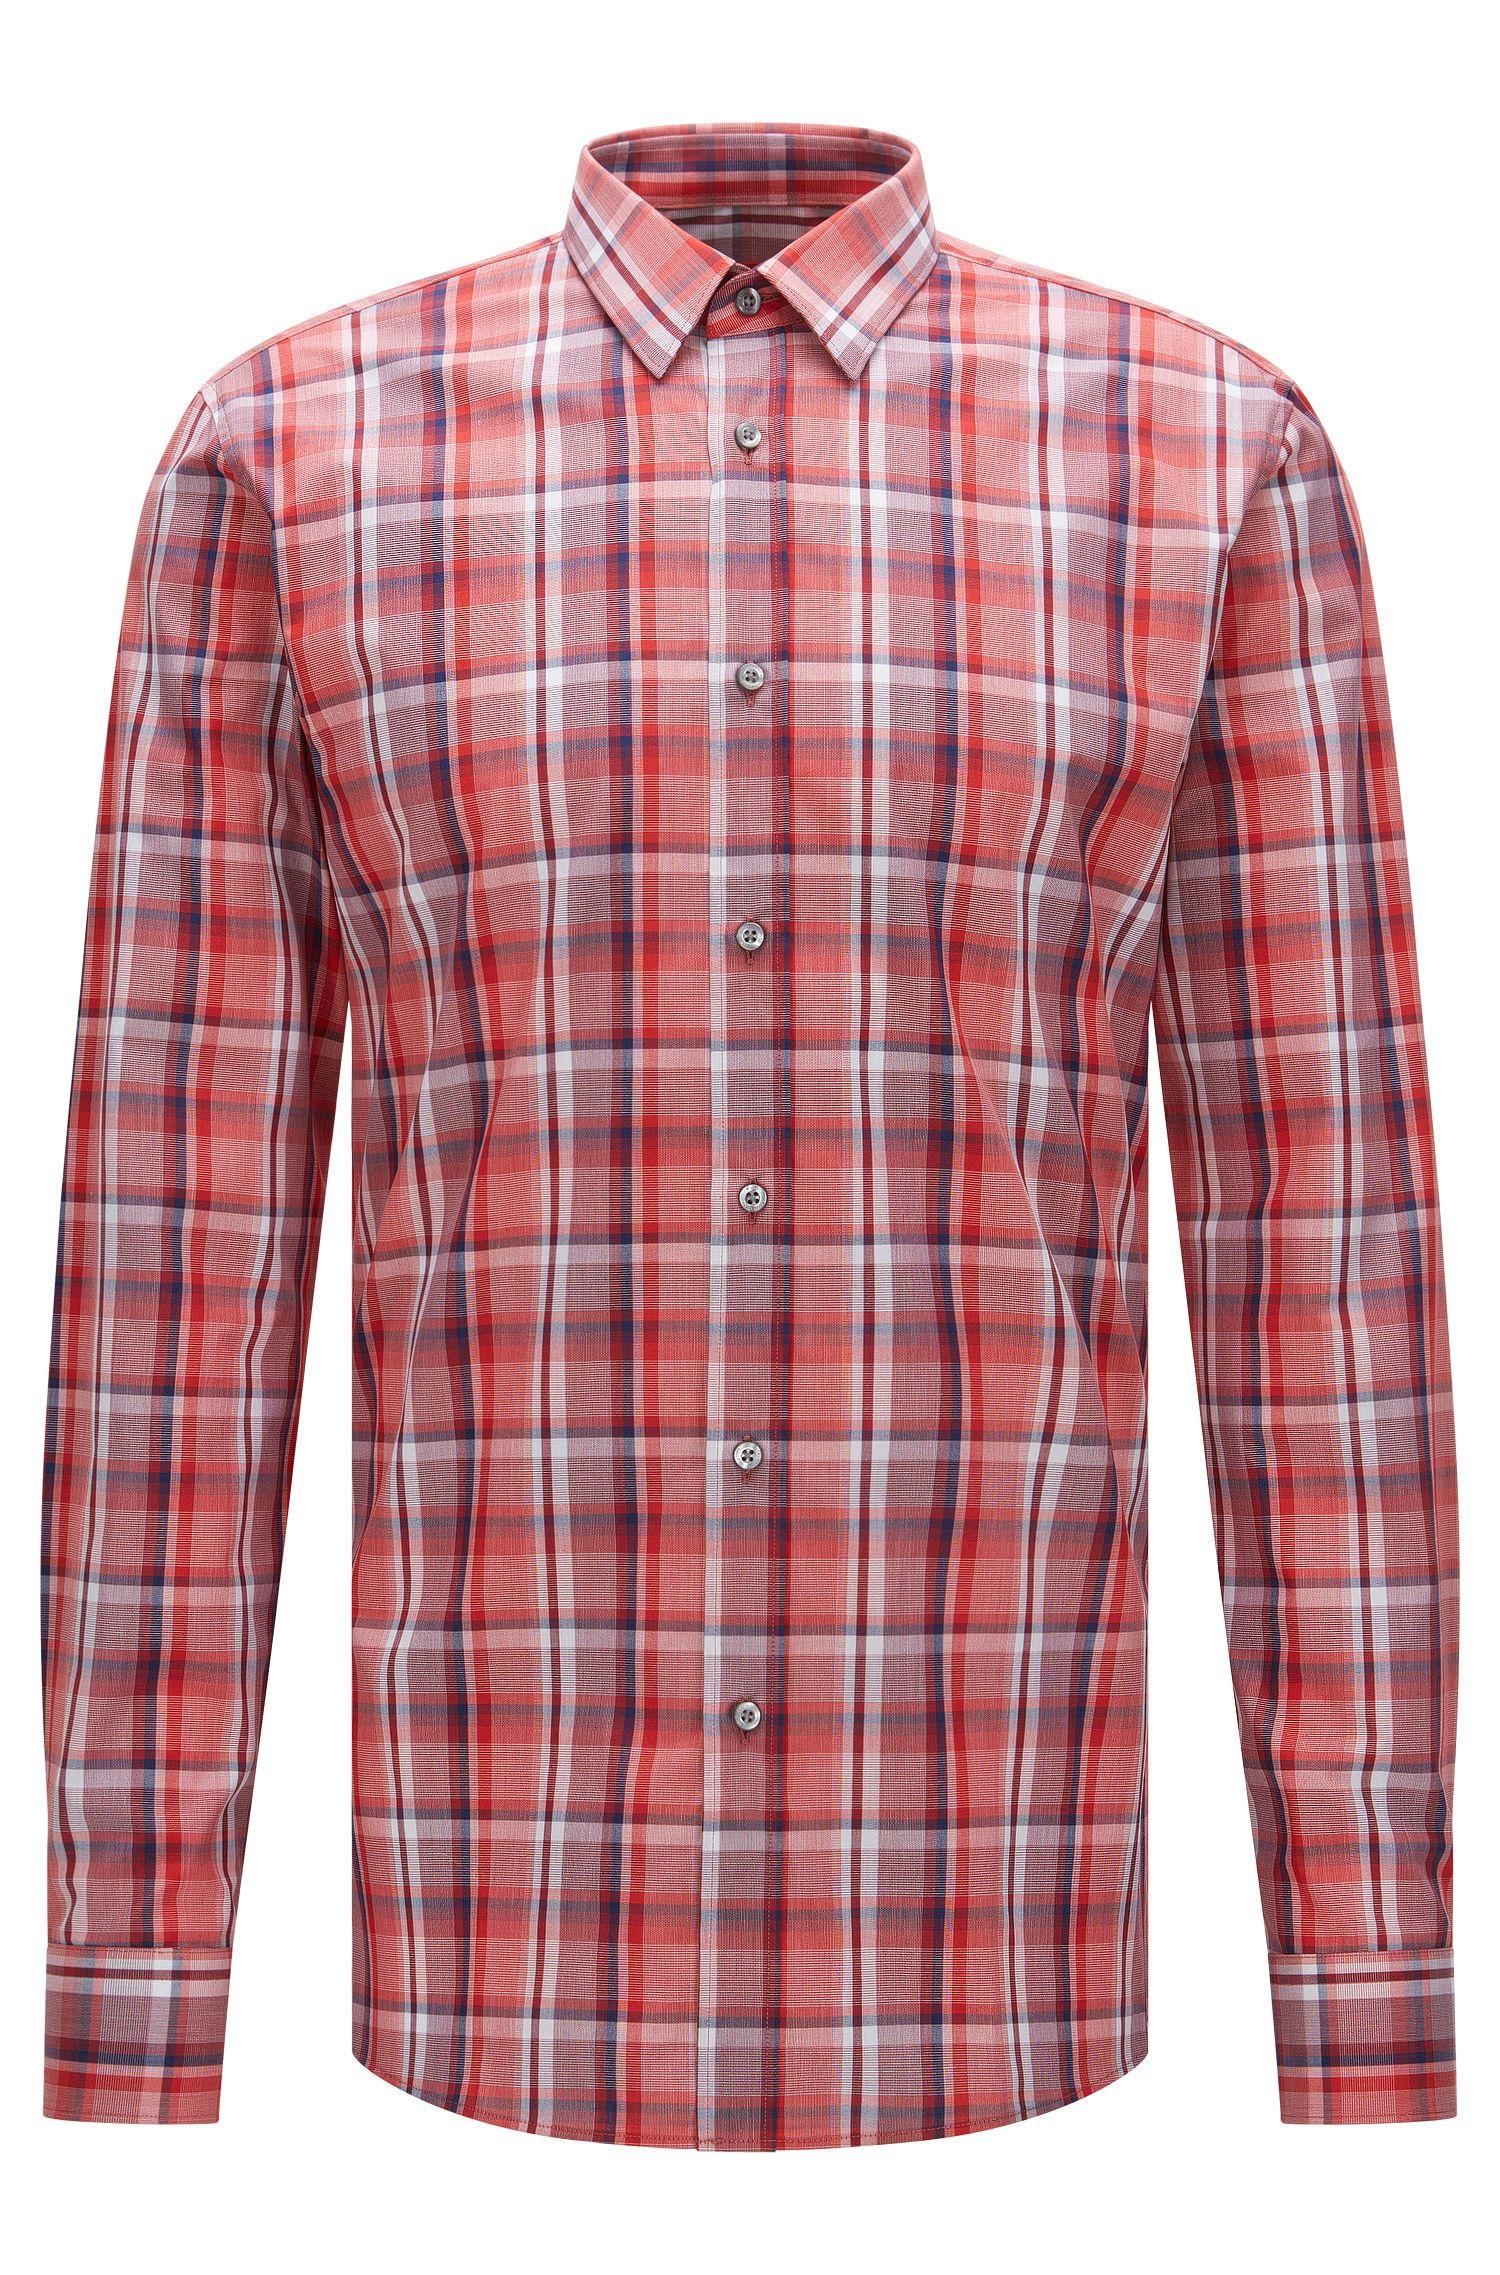 Plaid Cotton Dress Shirt, Extra-Slim Fit   Elisha